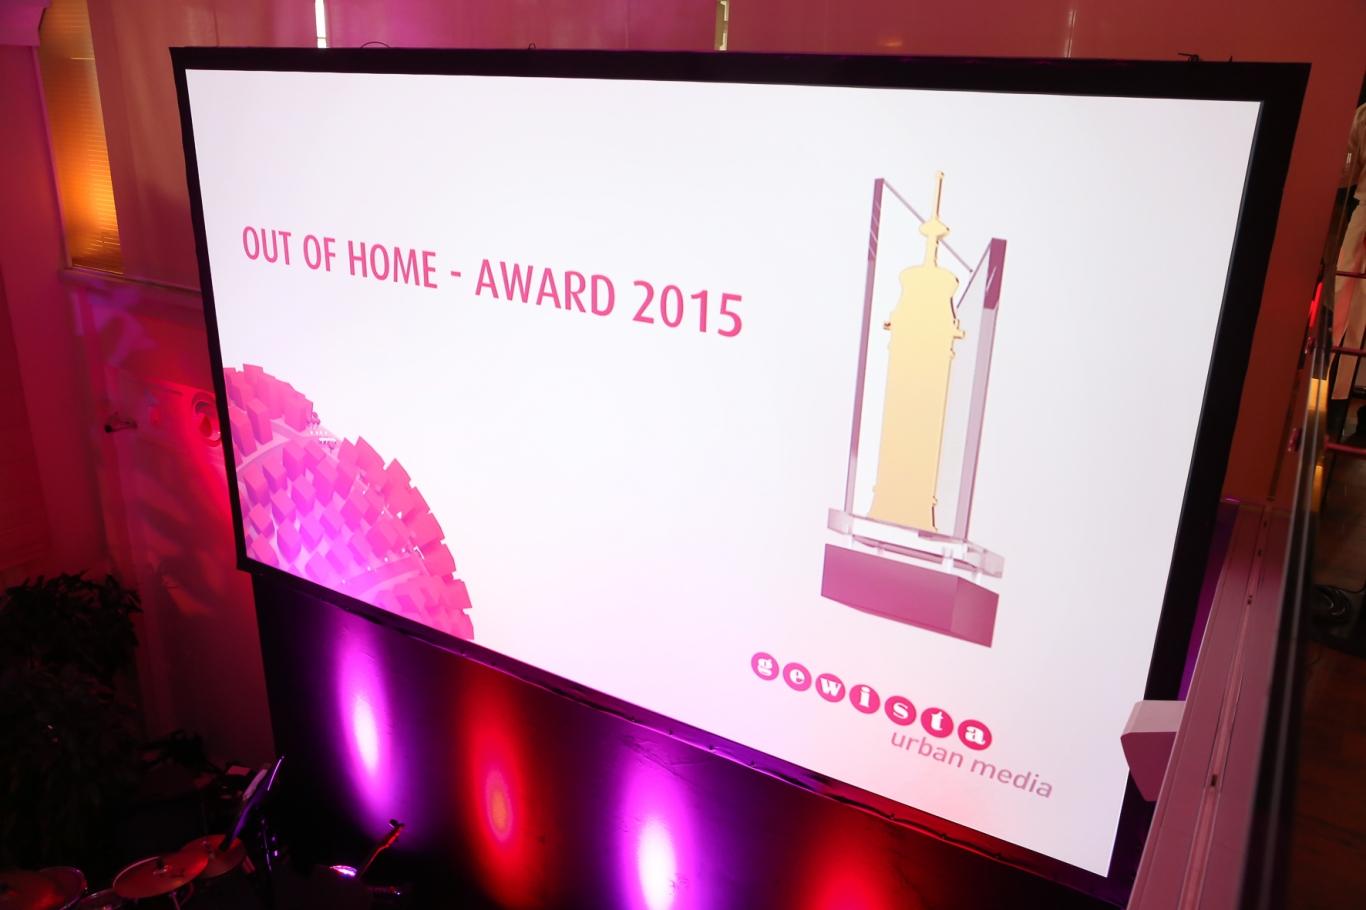 OOH Award 2015